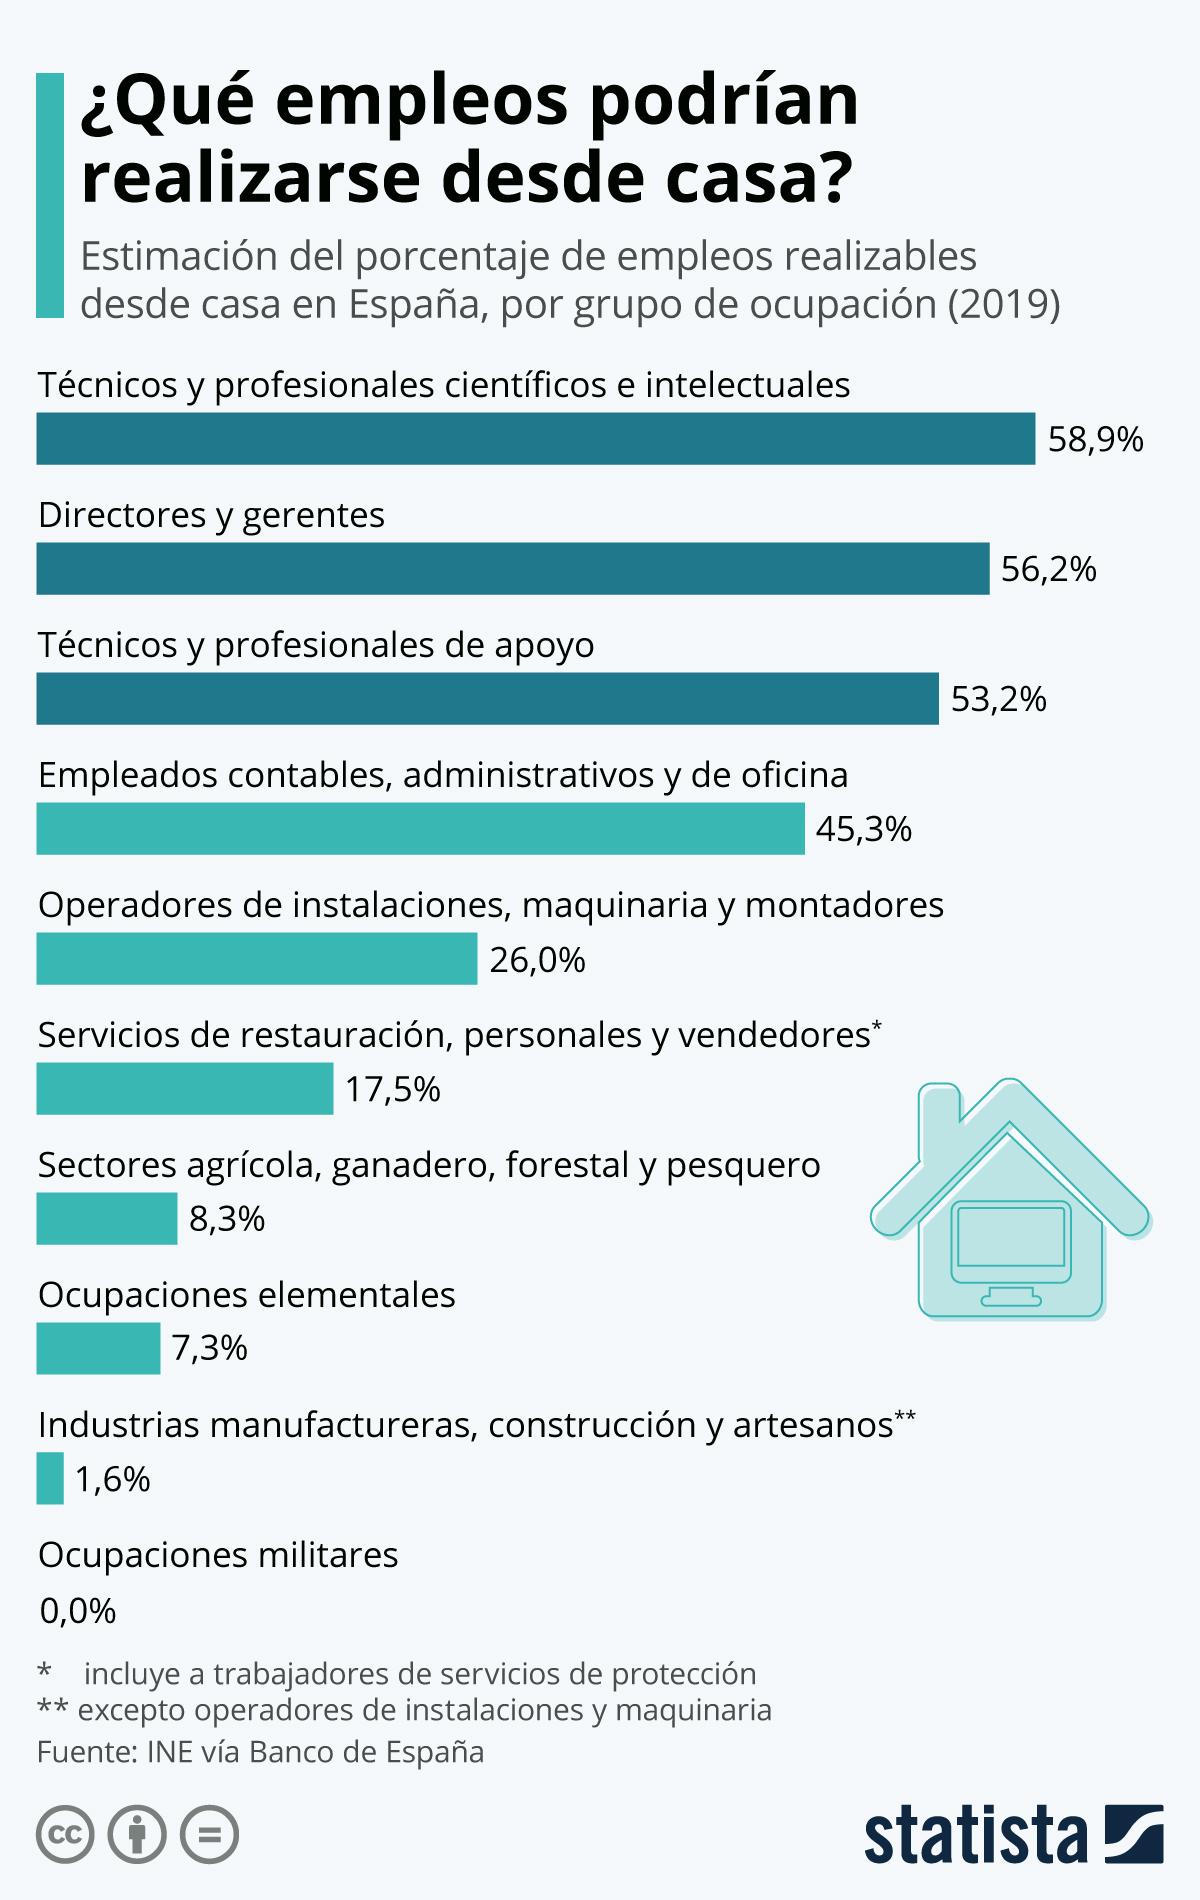 Infografía: ¿Qué tipo de trabajos pueden hacerse desde casa? | Statista